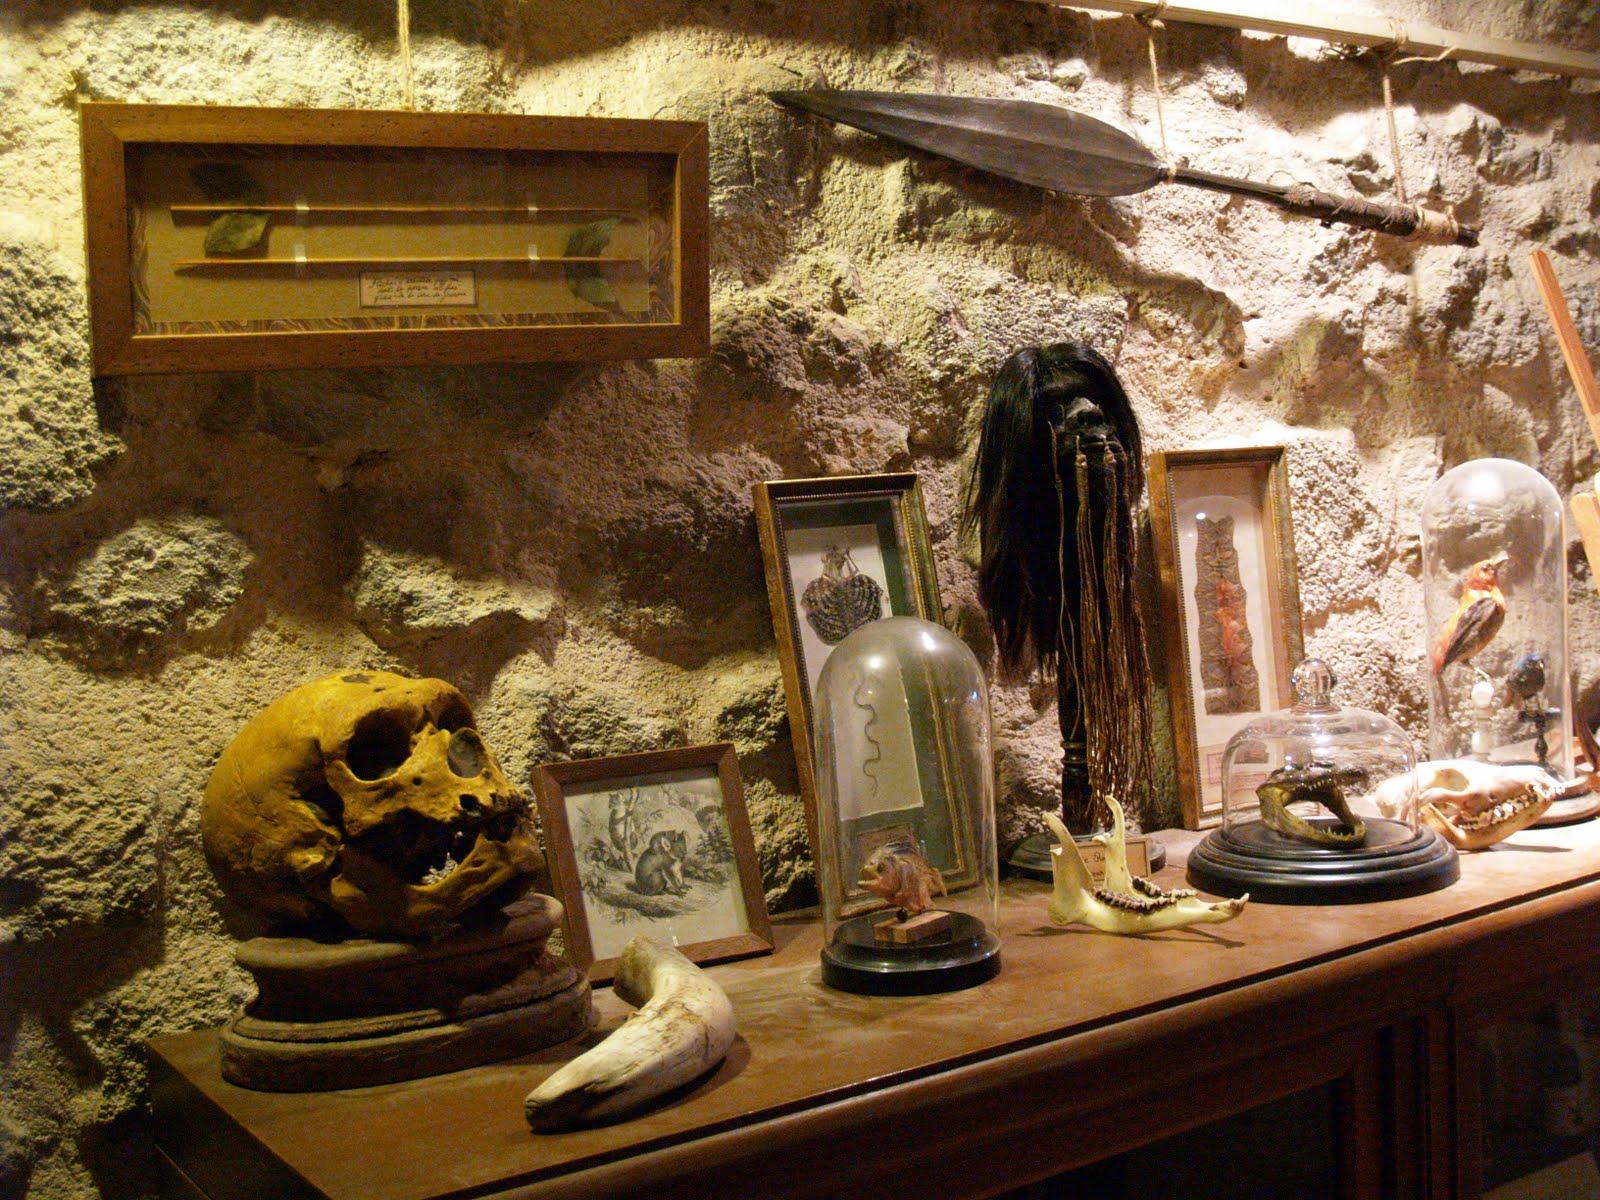 Mon cabinet de curiosit s par camille renversade mon cabinet de curiosit s la tour d 39 aigues - Le cabinet de curiosites ...